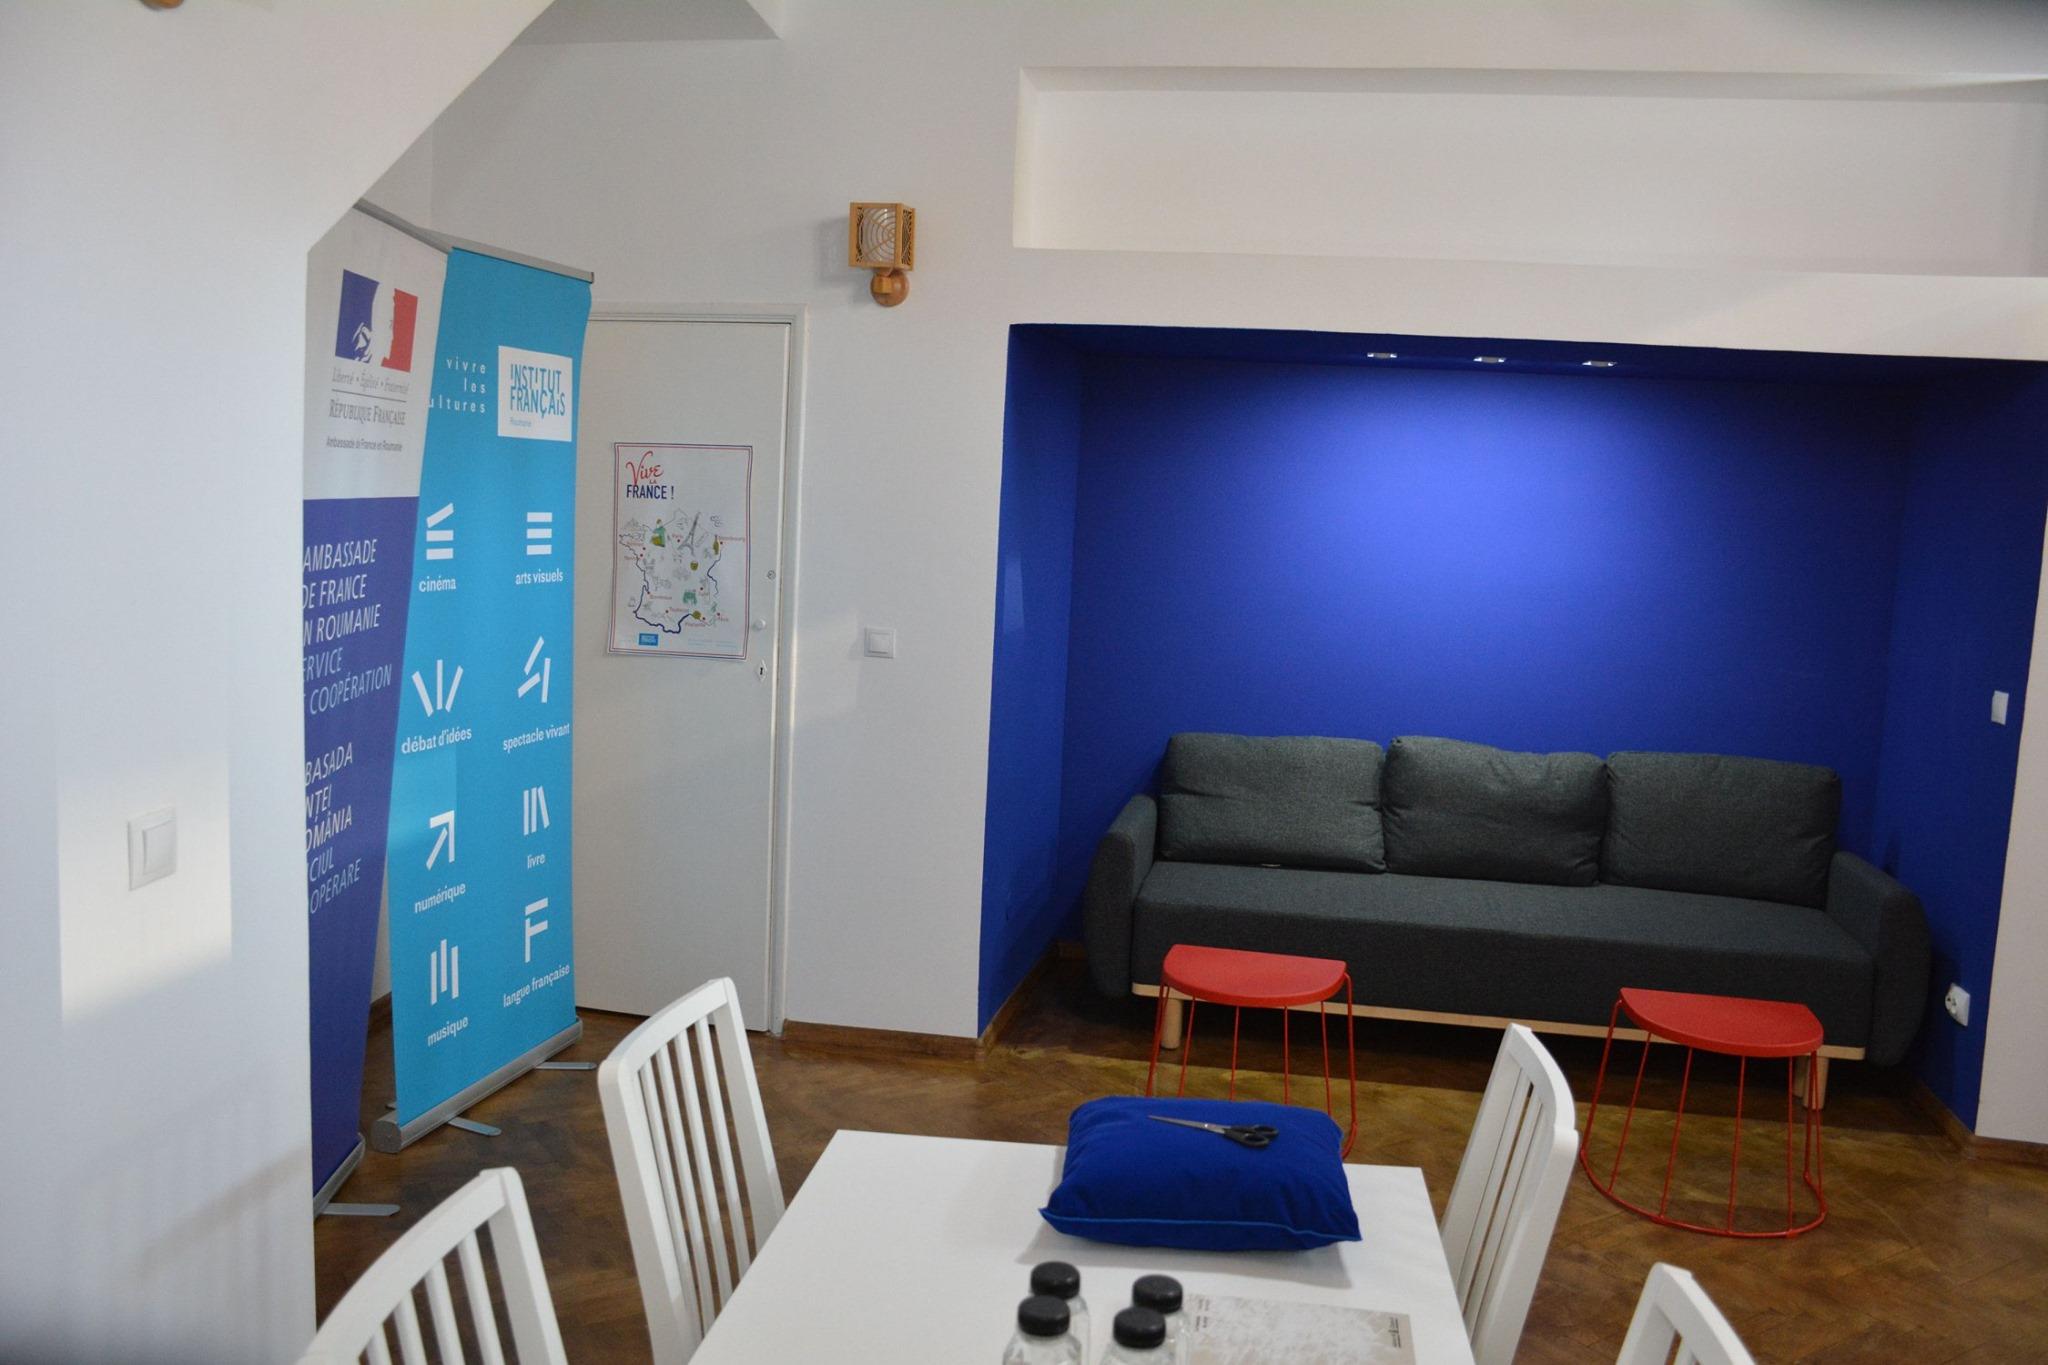 Institutul Francez din România anunță lista primilor oaspeți ai noii rezidențe de scriere din centrul Bucureștiului, Rezidența de buzunar